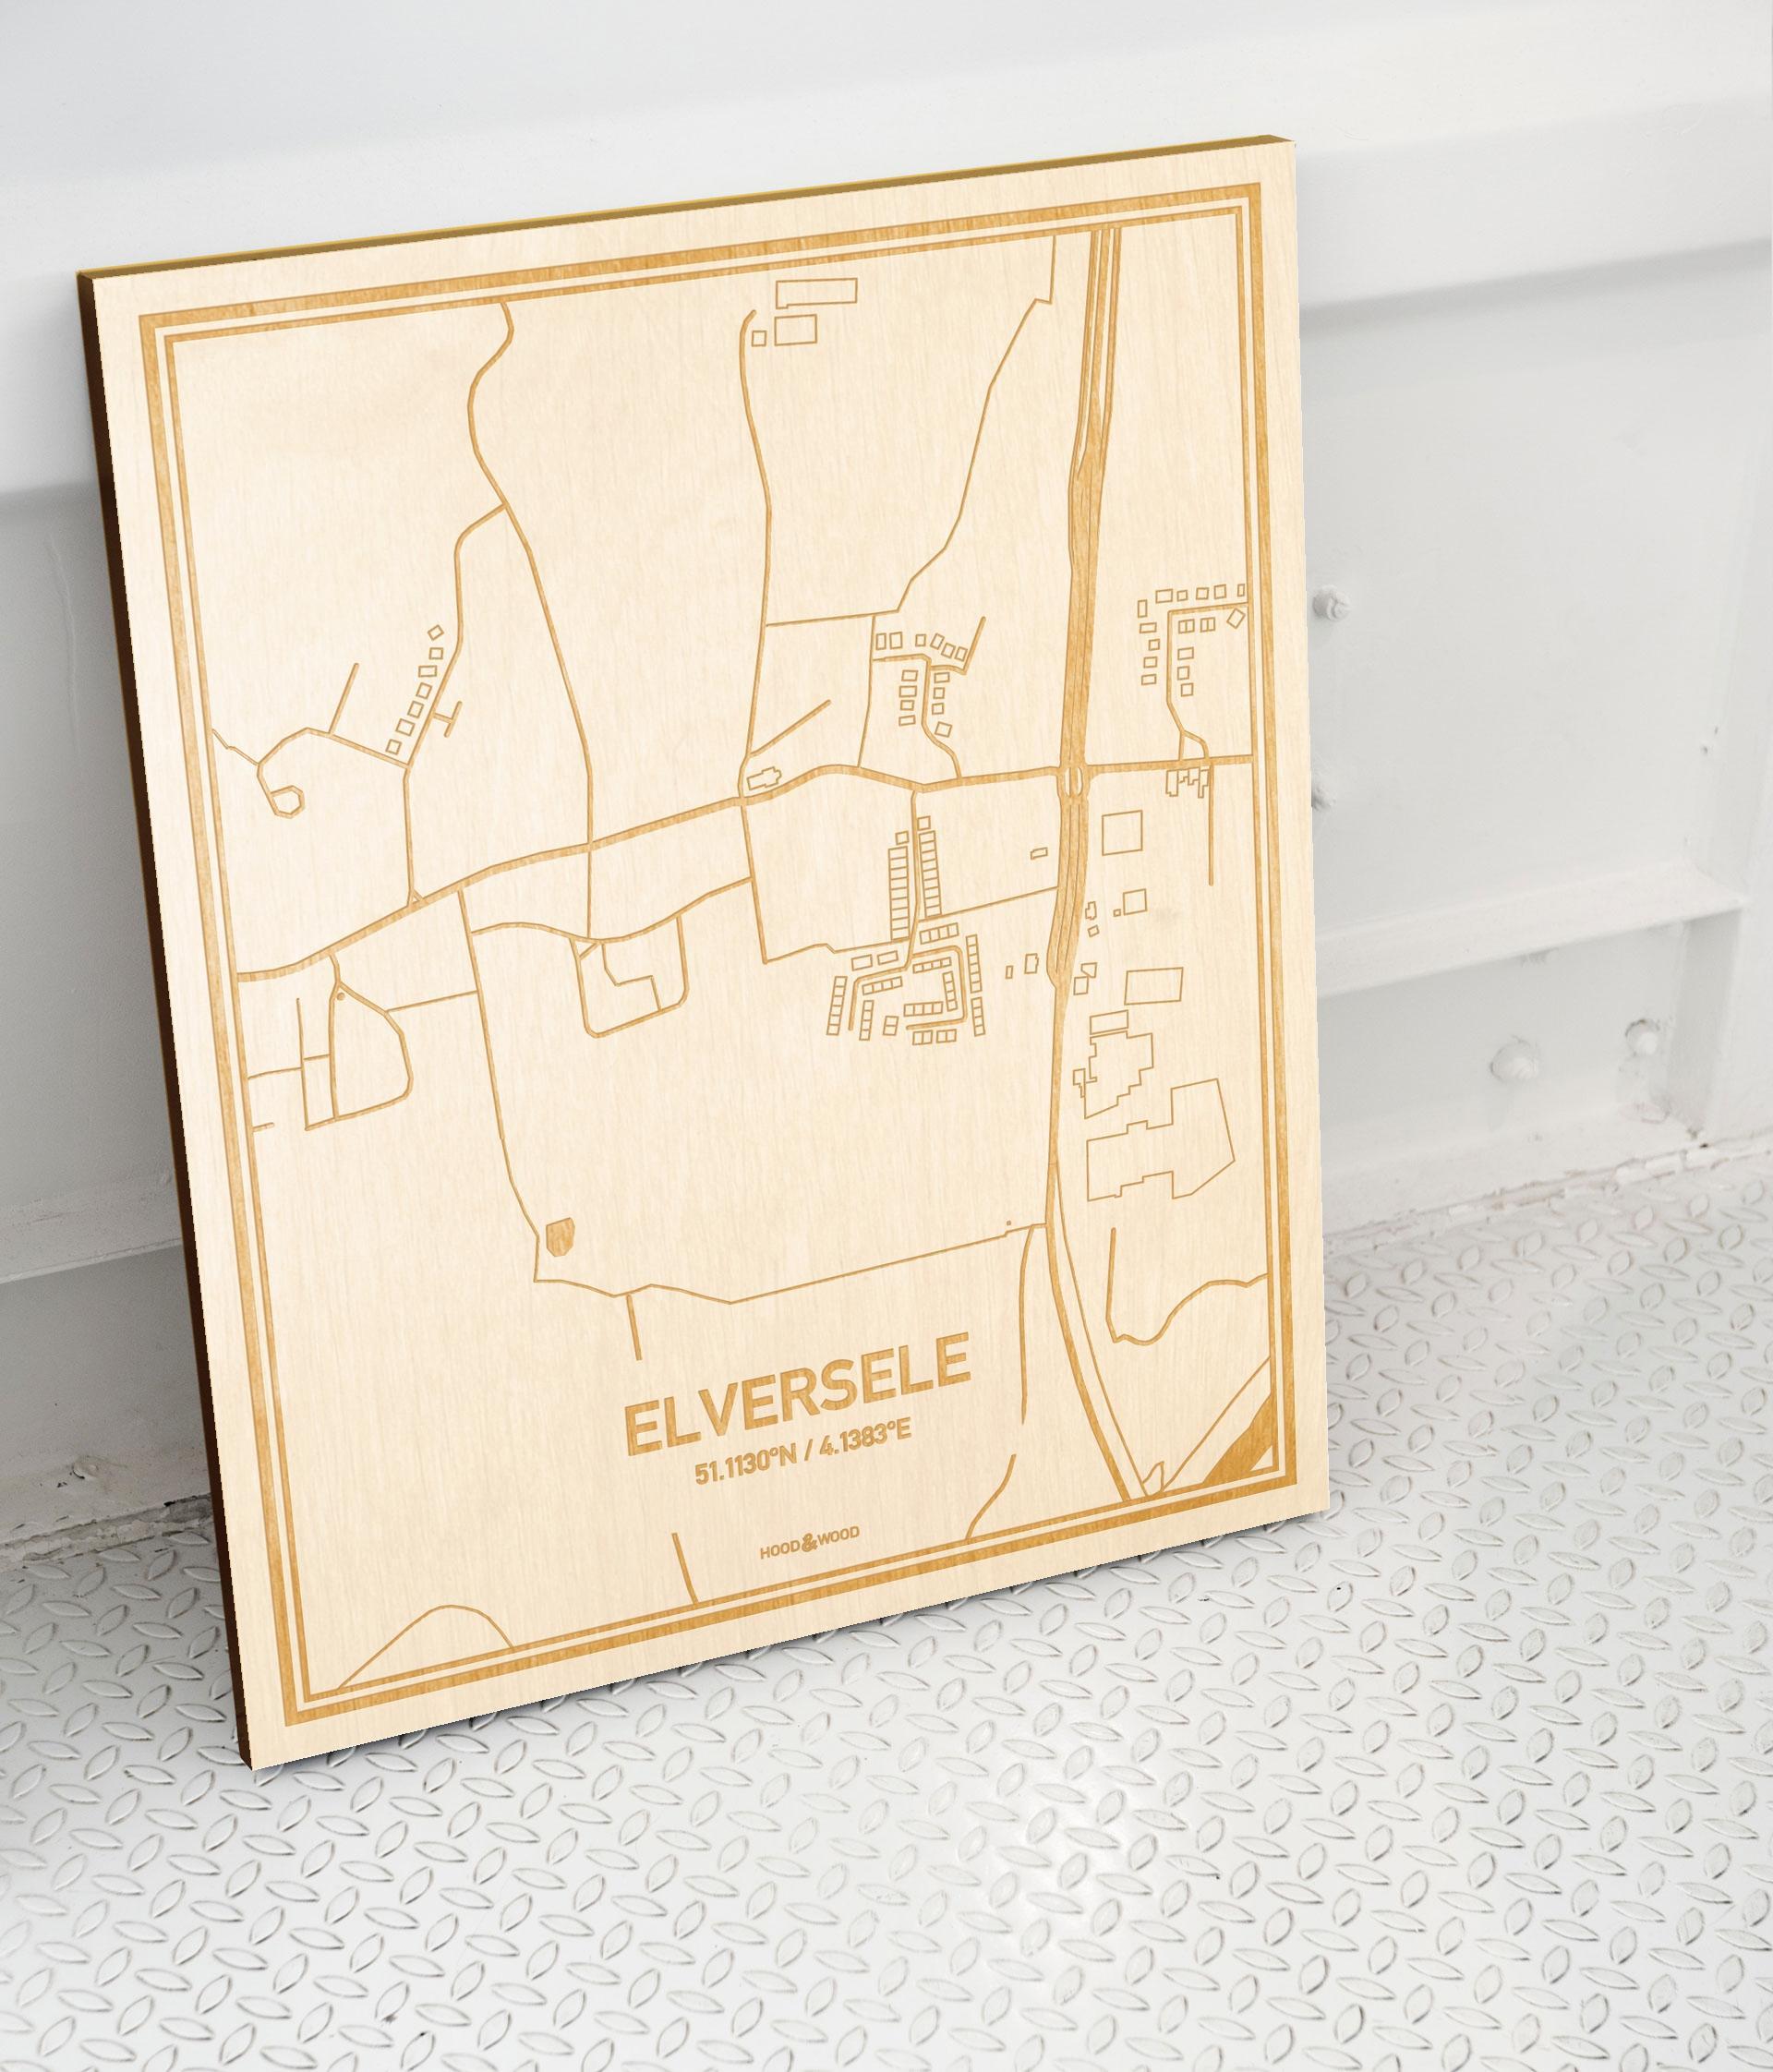 Plattegrond Elversele als prachtige houten wanddecoratie. Het warme hout contrasteert mooi met de witte muur.